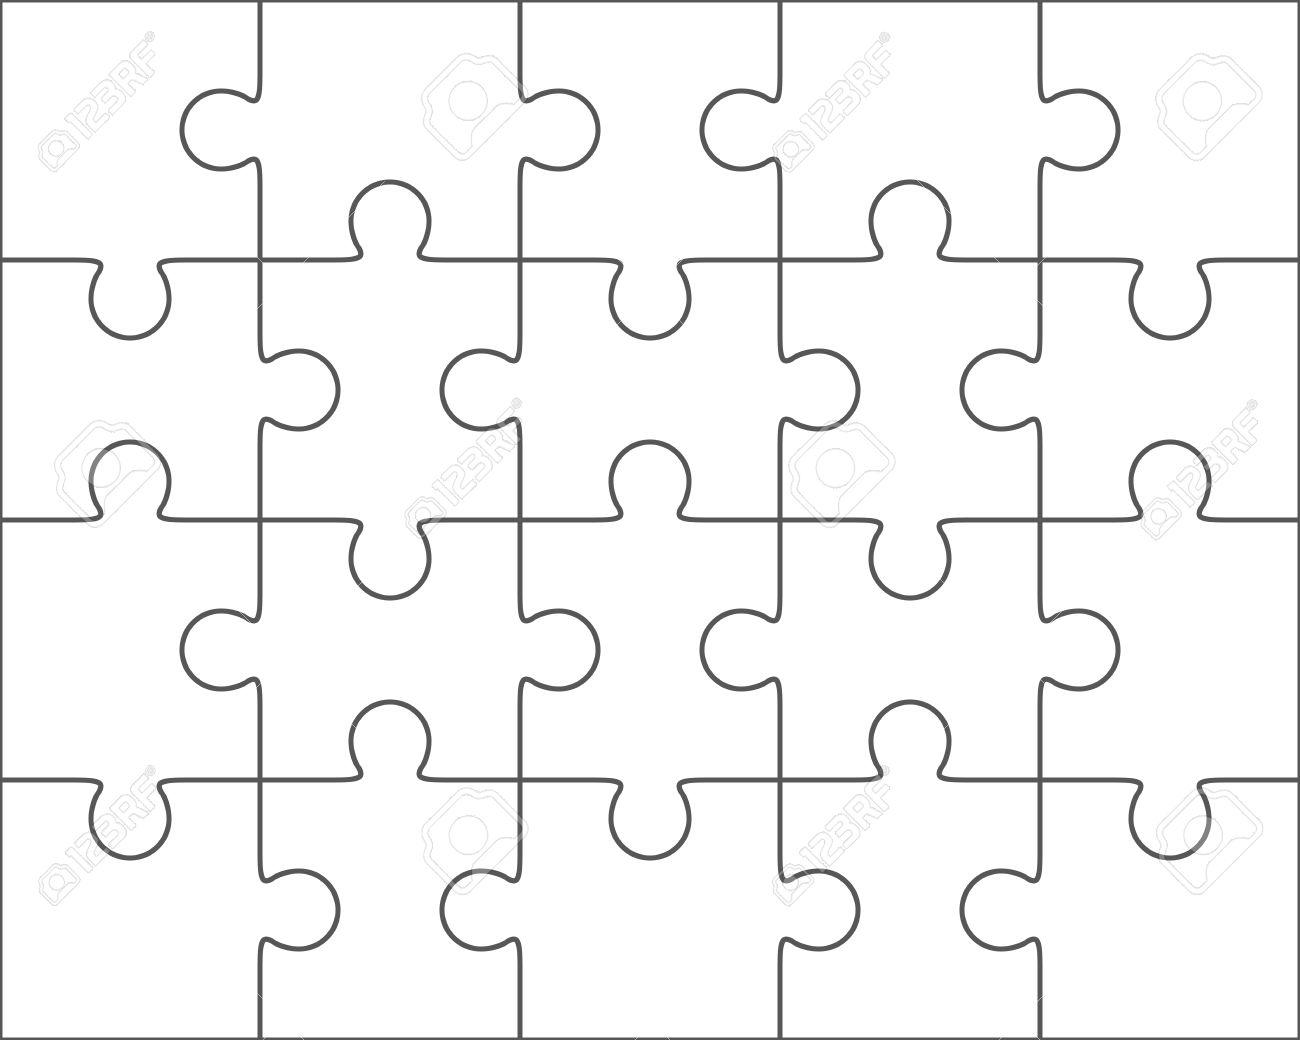 Jigsaw Puzzle-Vektor, Leere Einfache Vorlage 4x5, Zwanzig Stück ...